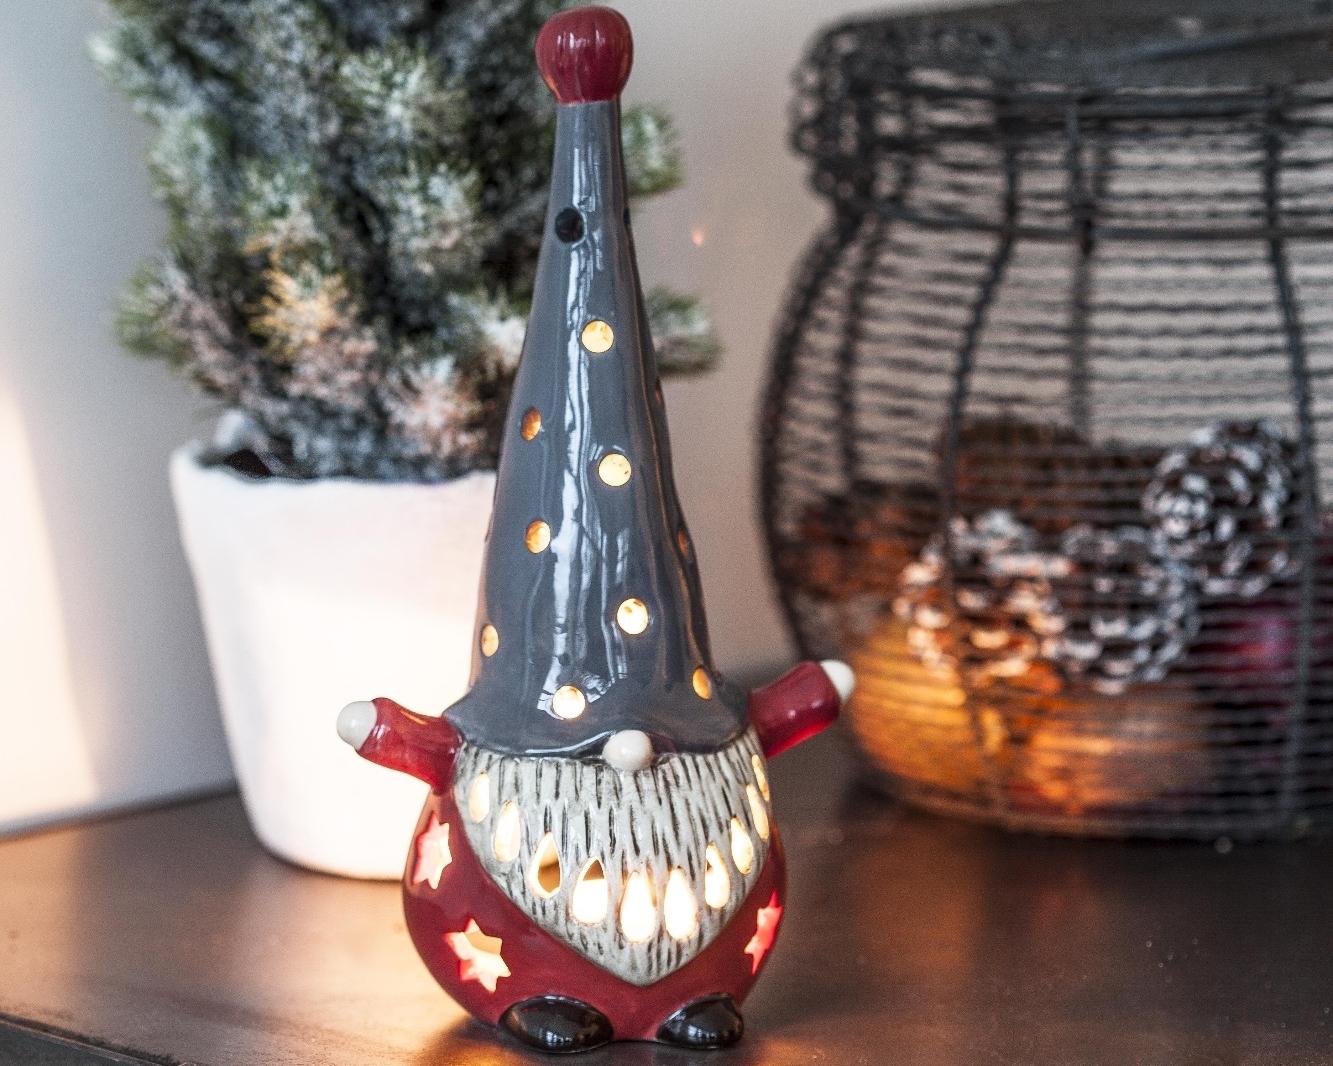 Nu00e4u00e4sgru00e4nsgu00e5rden Naasgransgarden Lantern Lifestyle